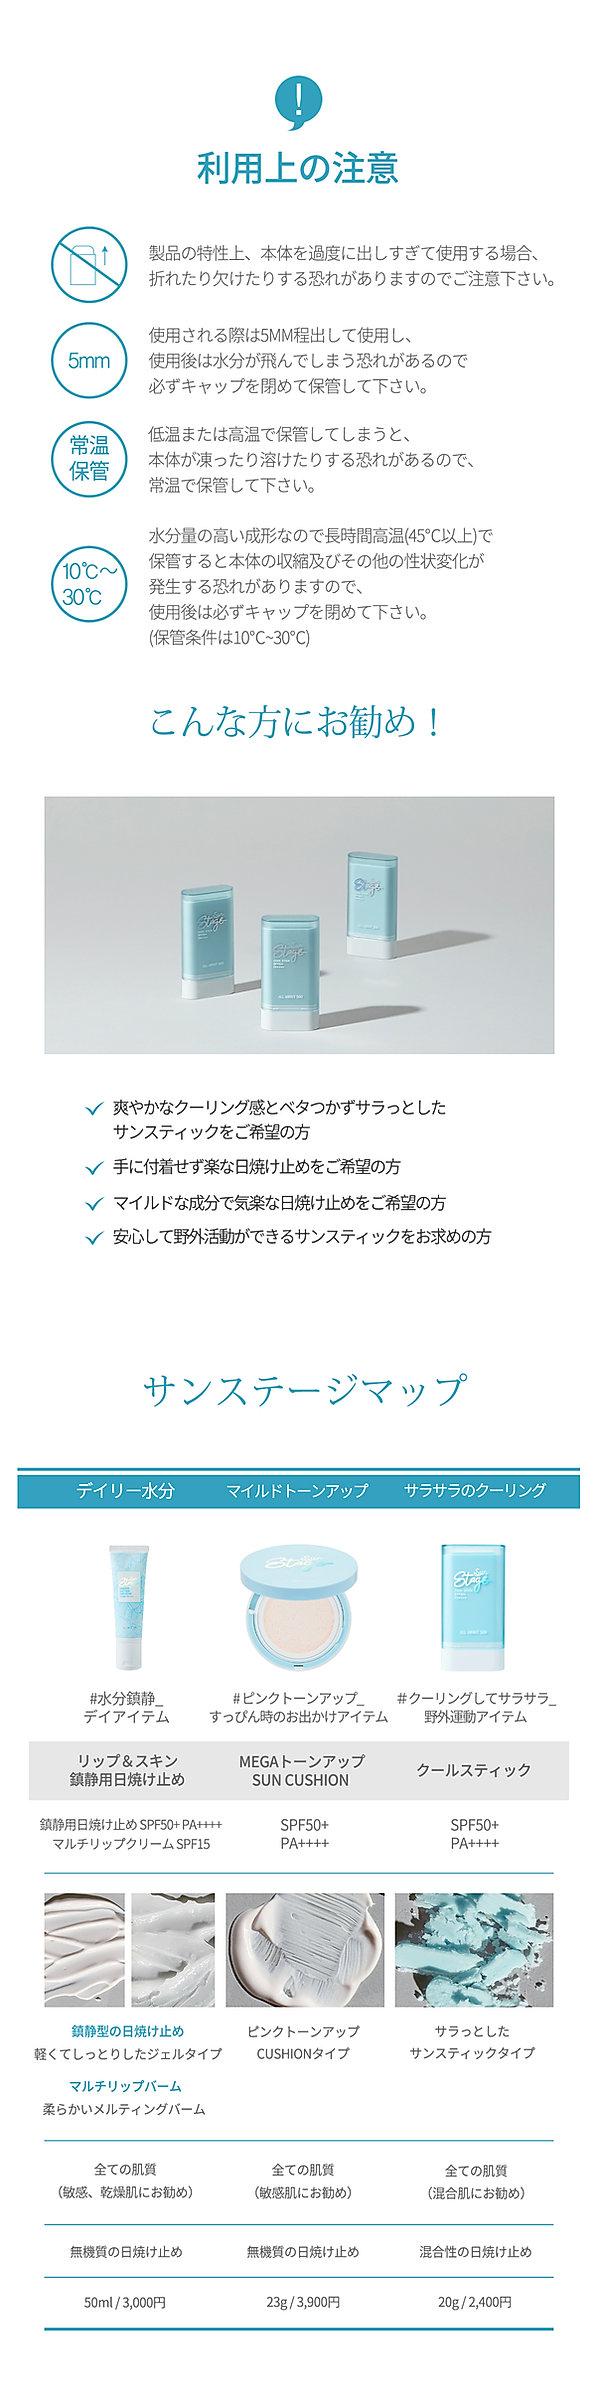 선스틱-상세페이지jp_05.jpg